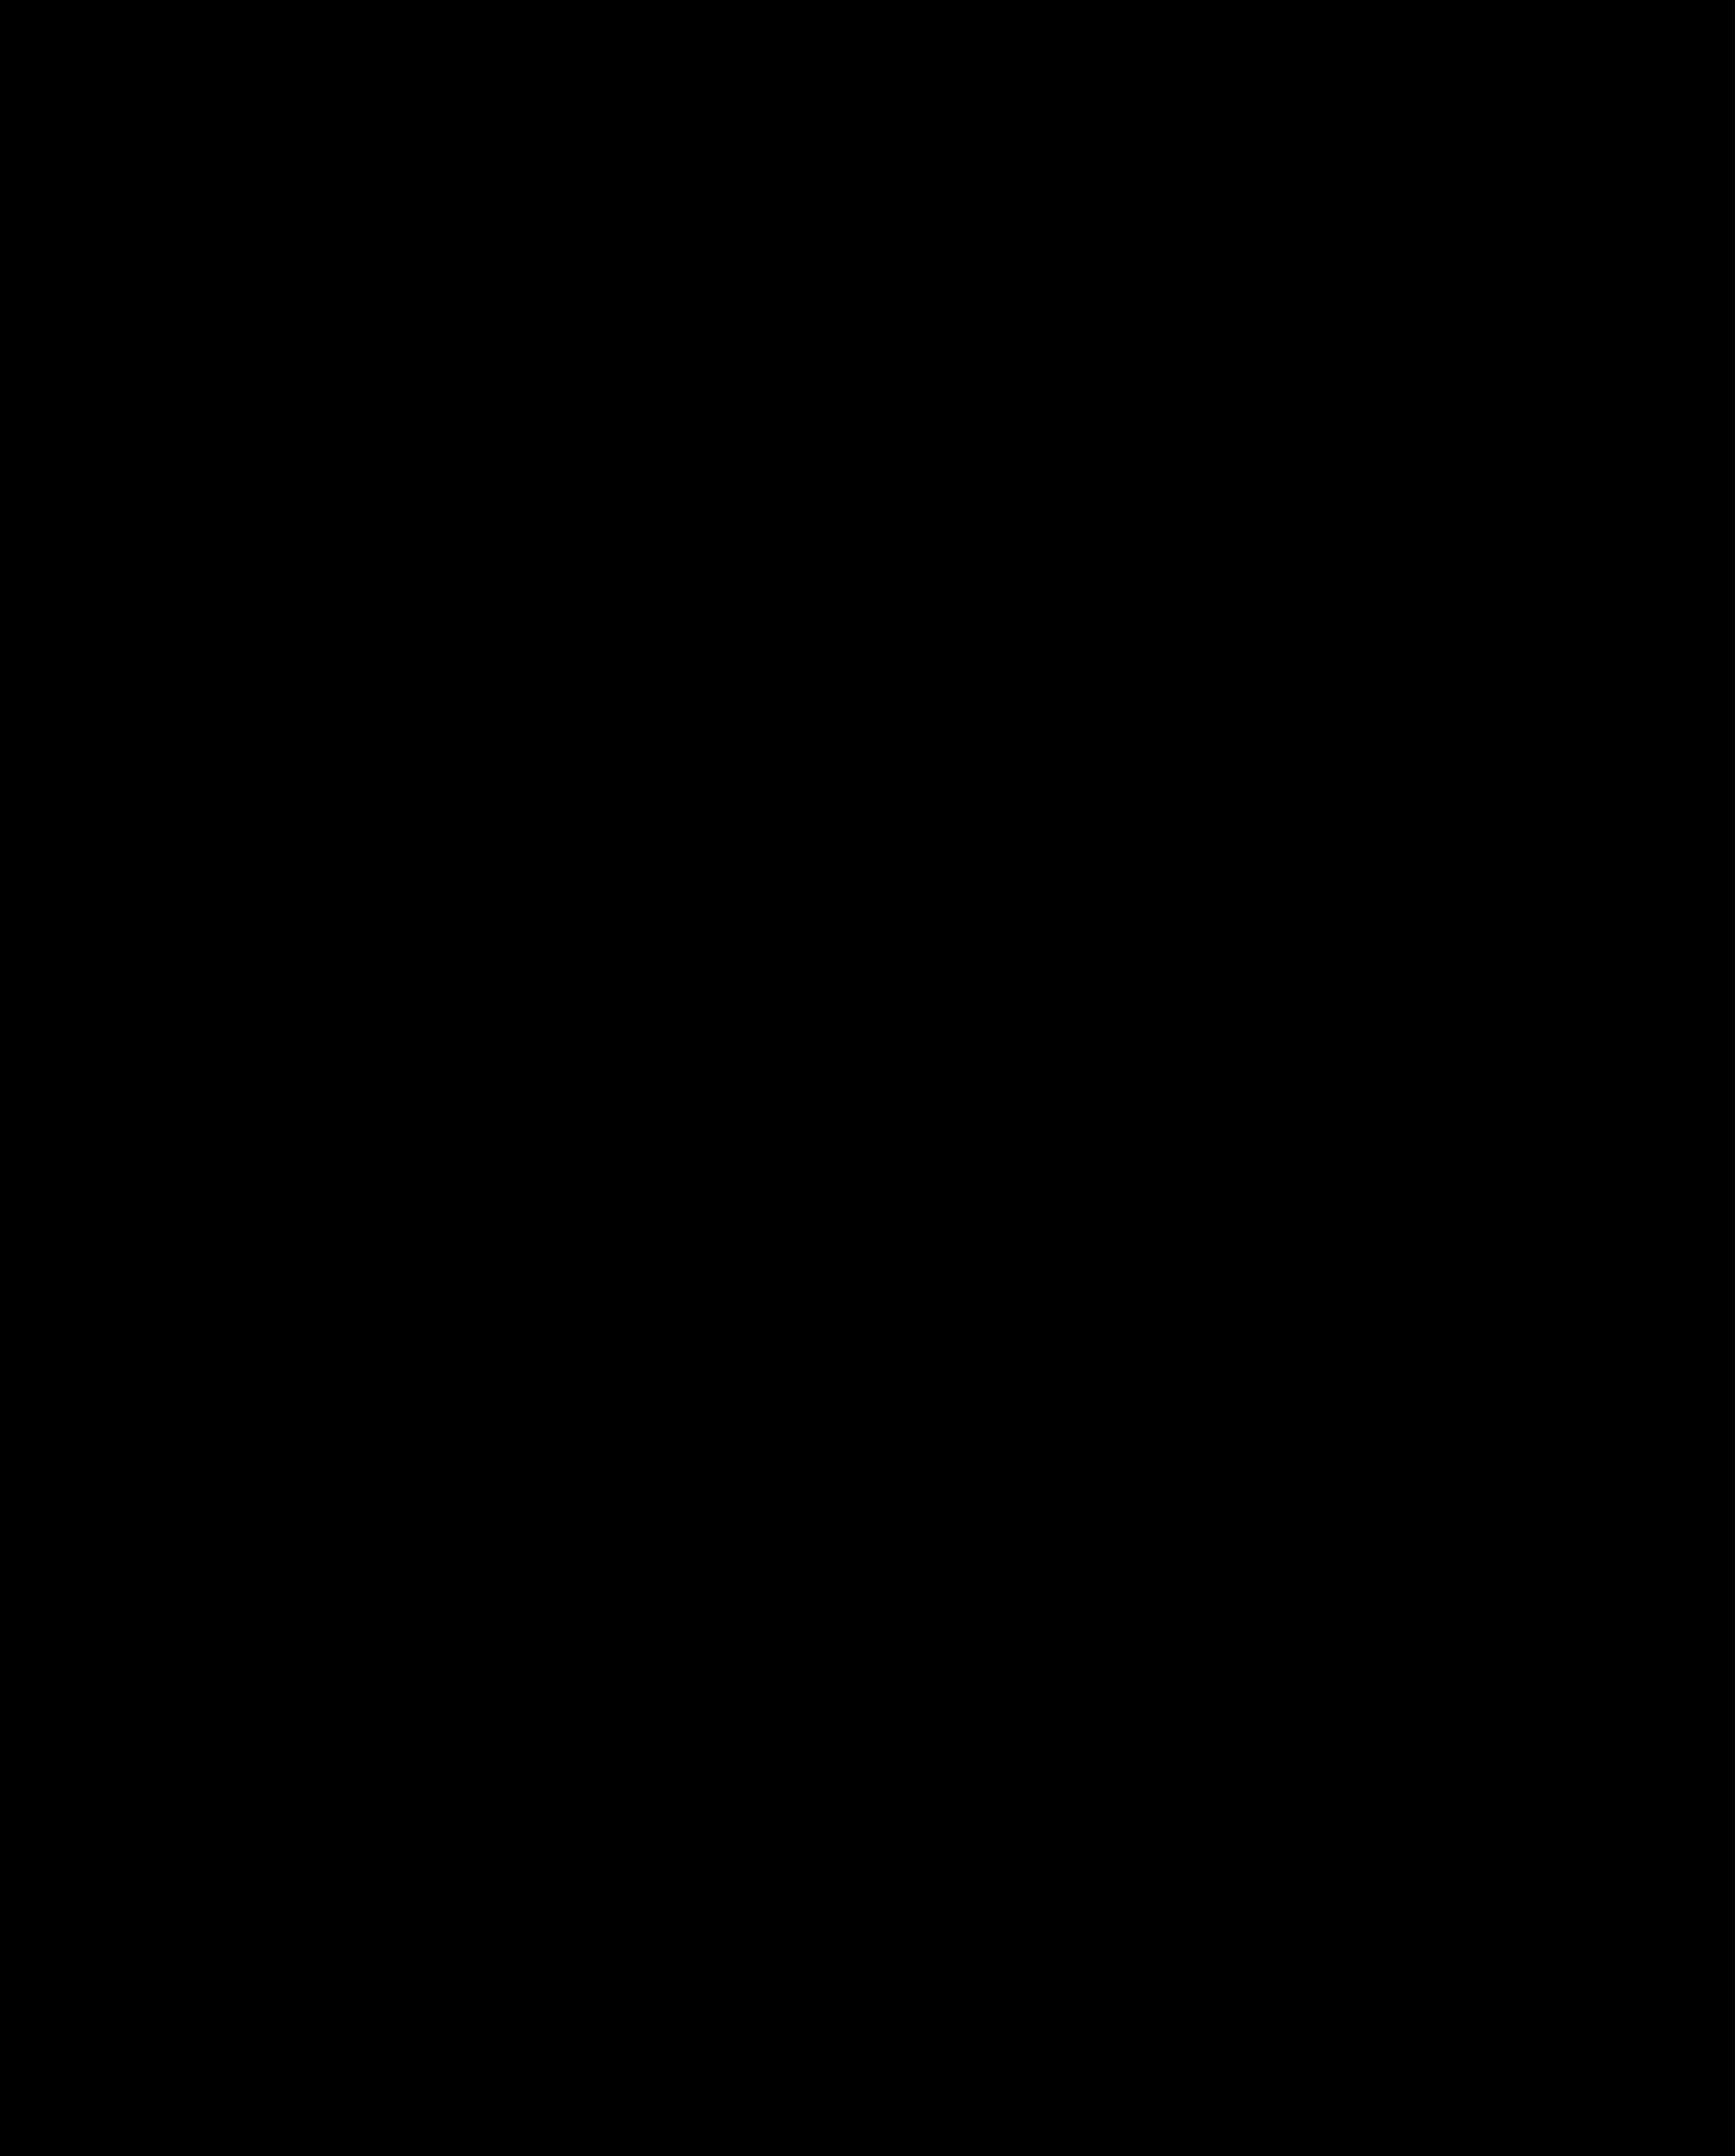 Lineart - Gotenks SSJ3 by el-maky-z on DeviantArt